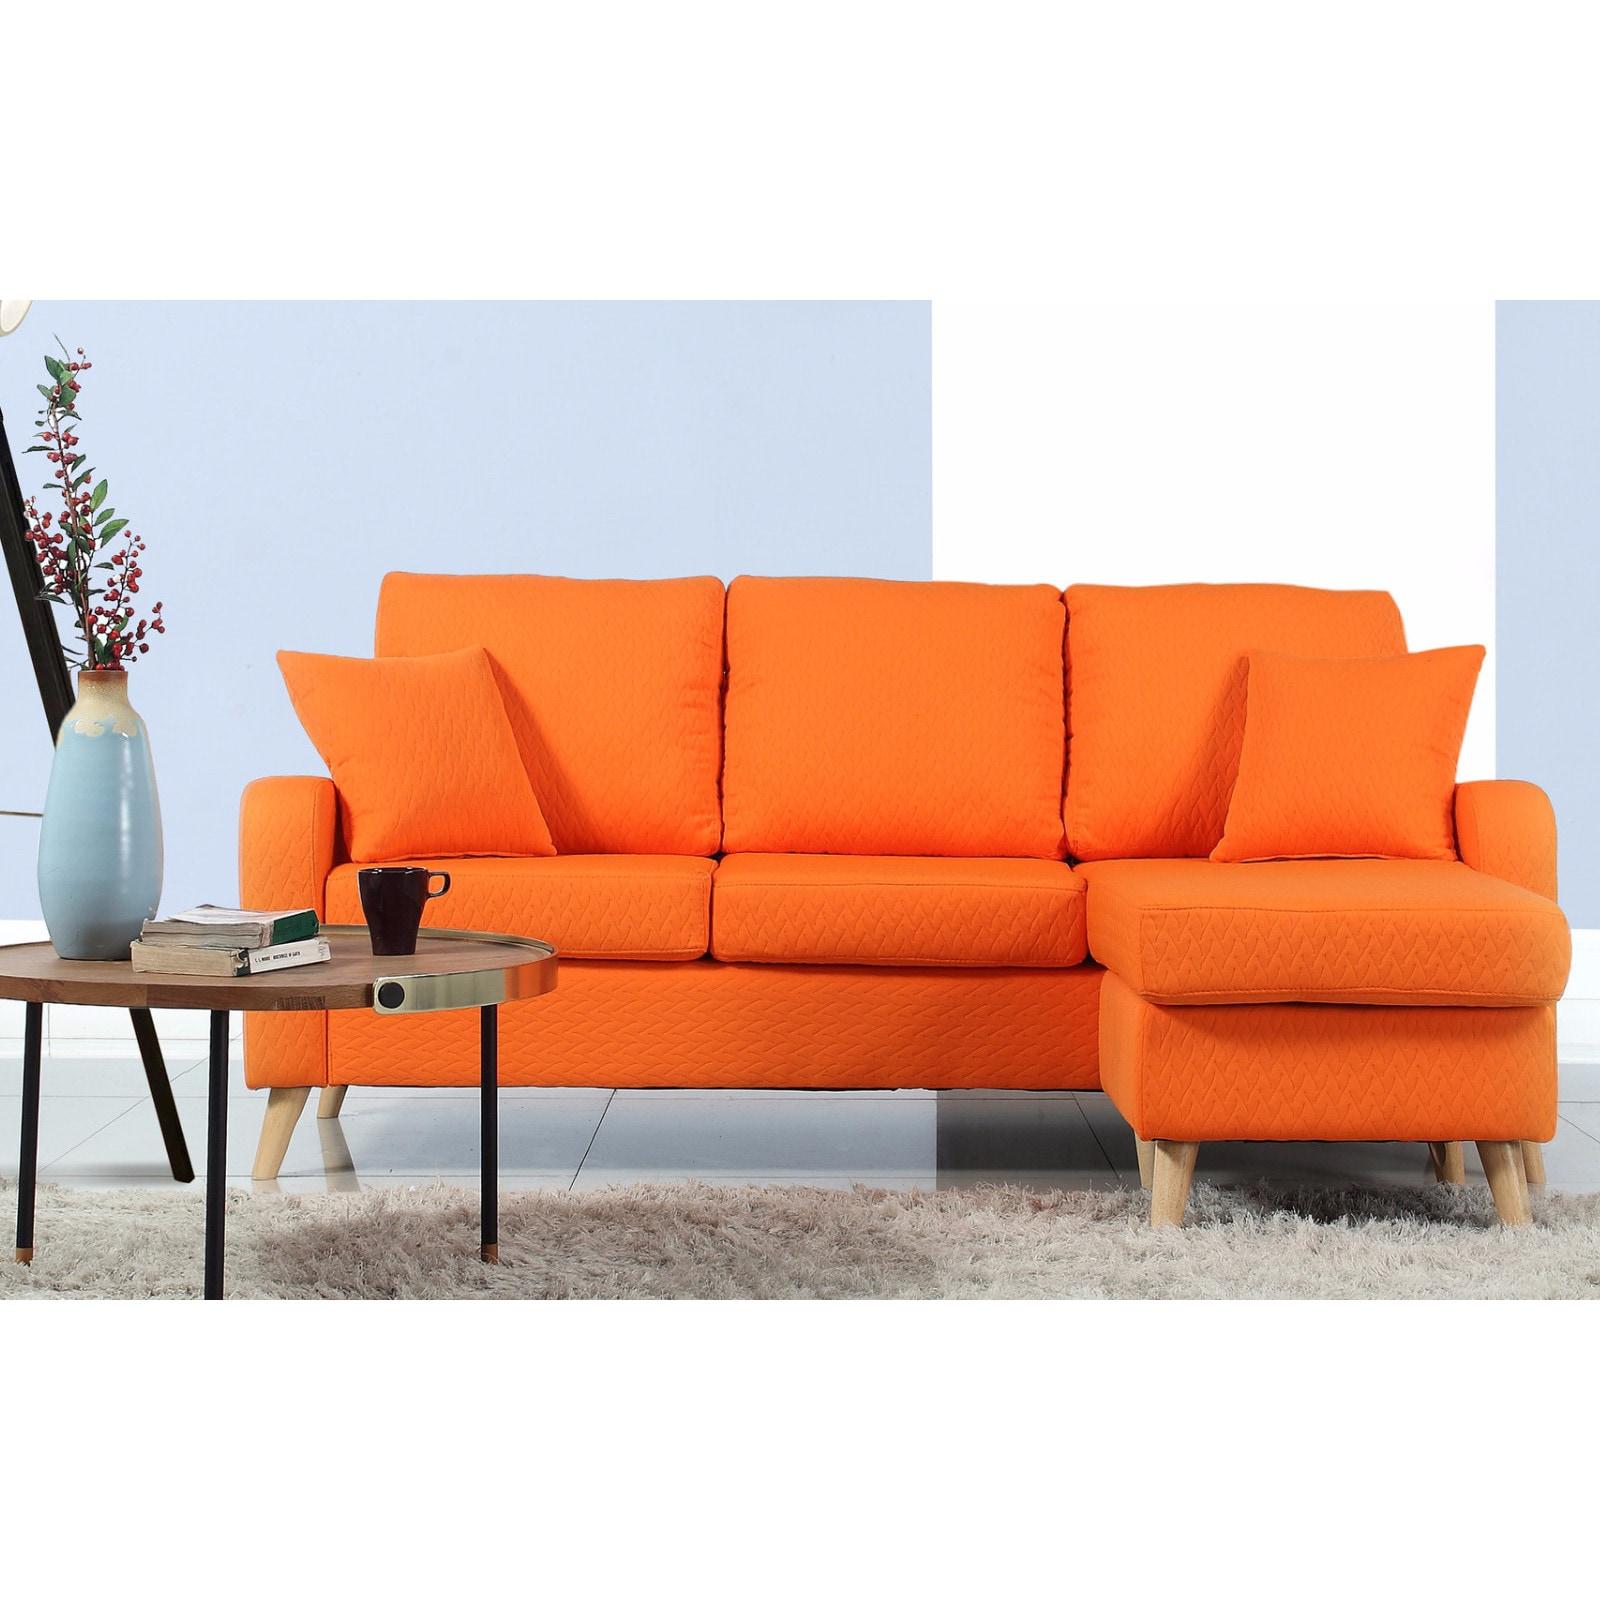 sectional facing interior scott uk orange inspiration velvet sofas home living right seater end burnt sofa chaise elegant hand room design